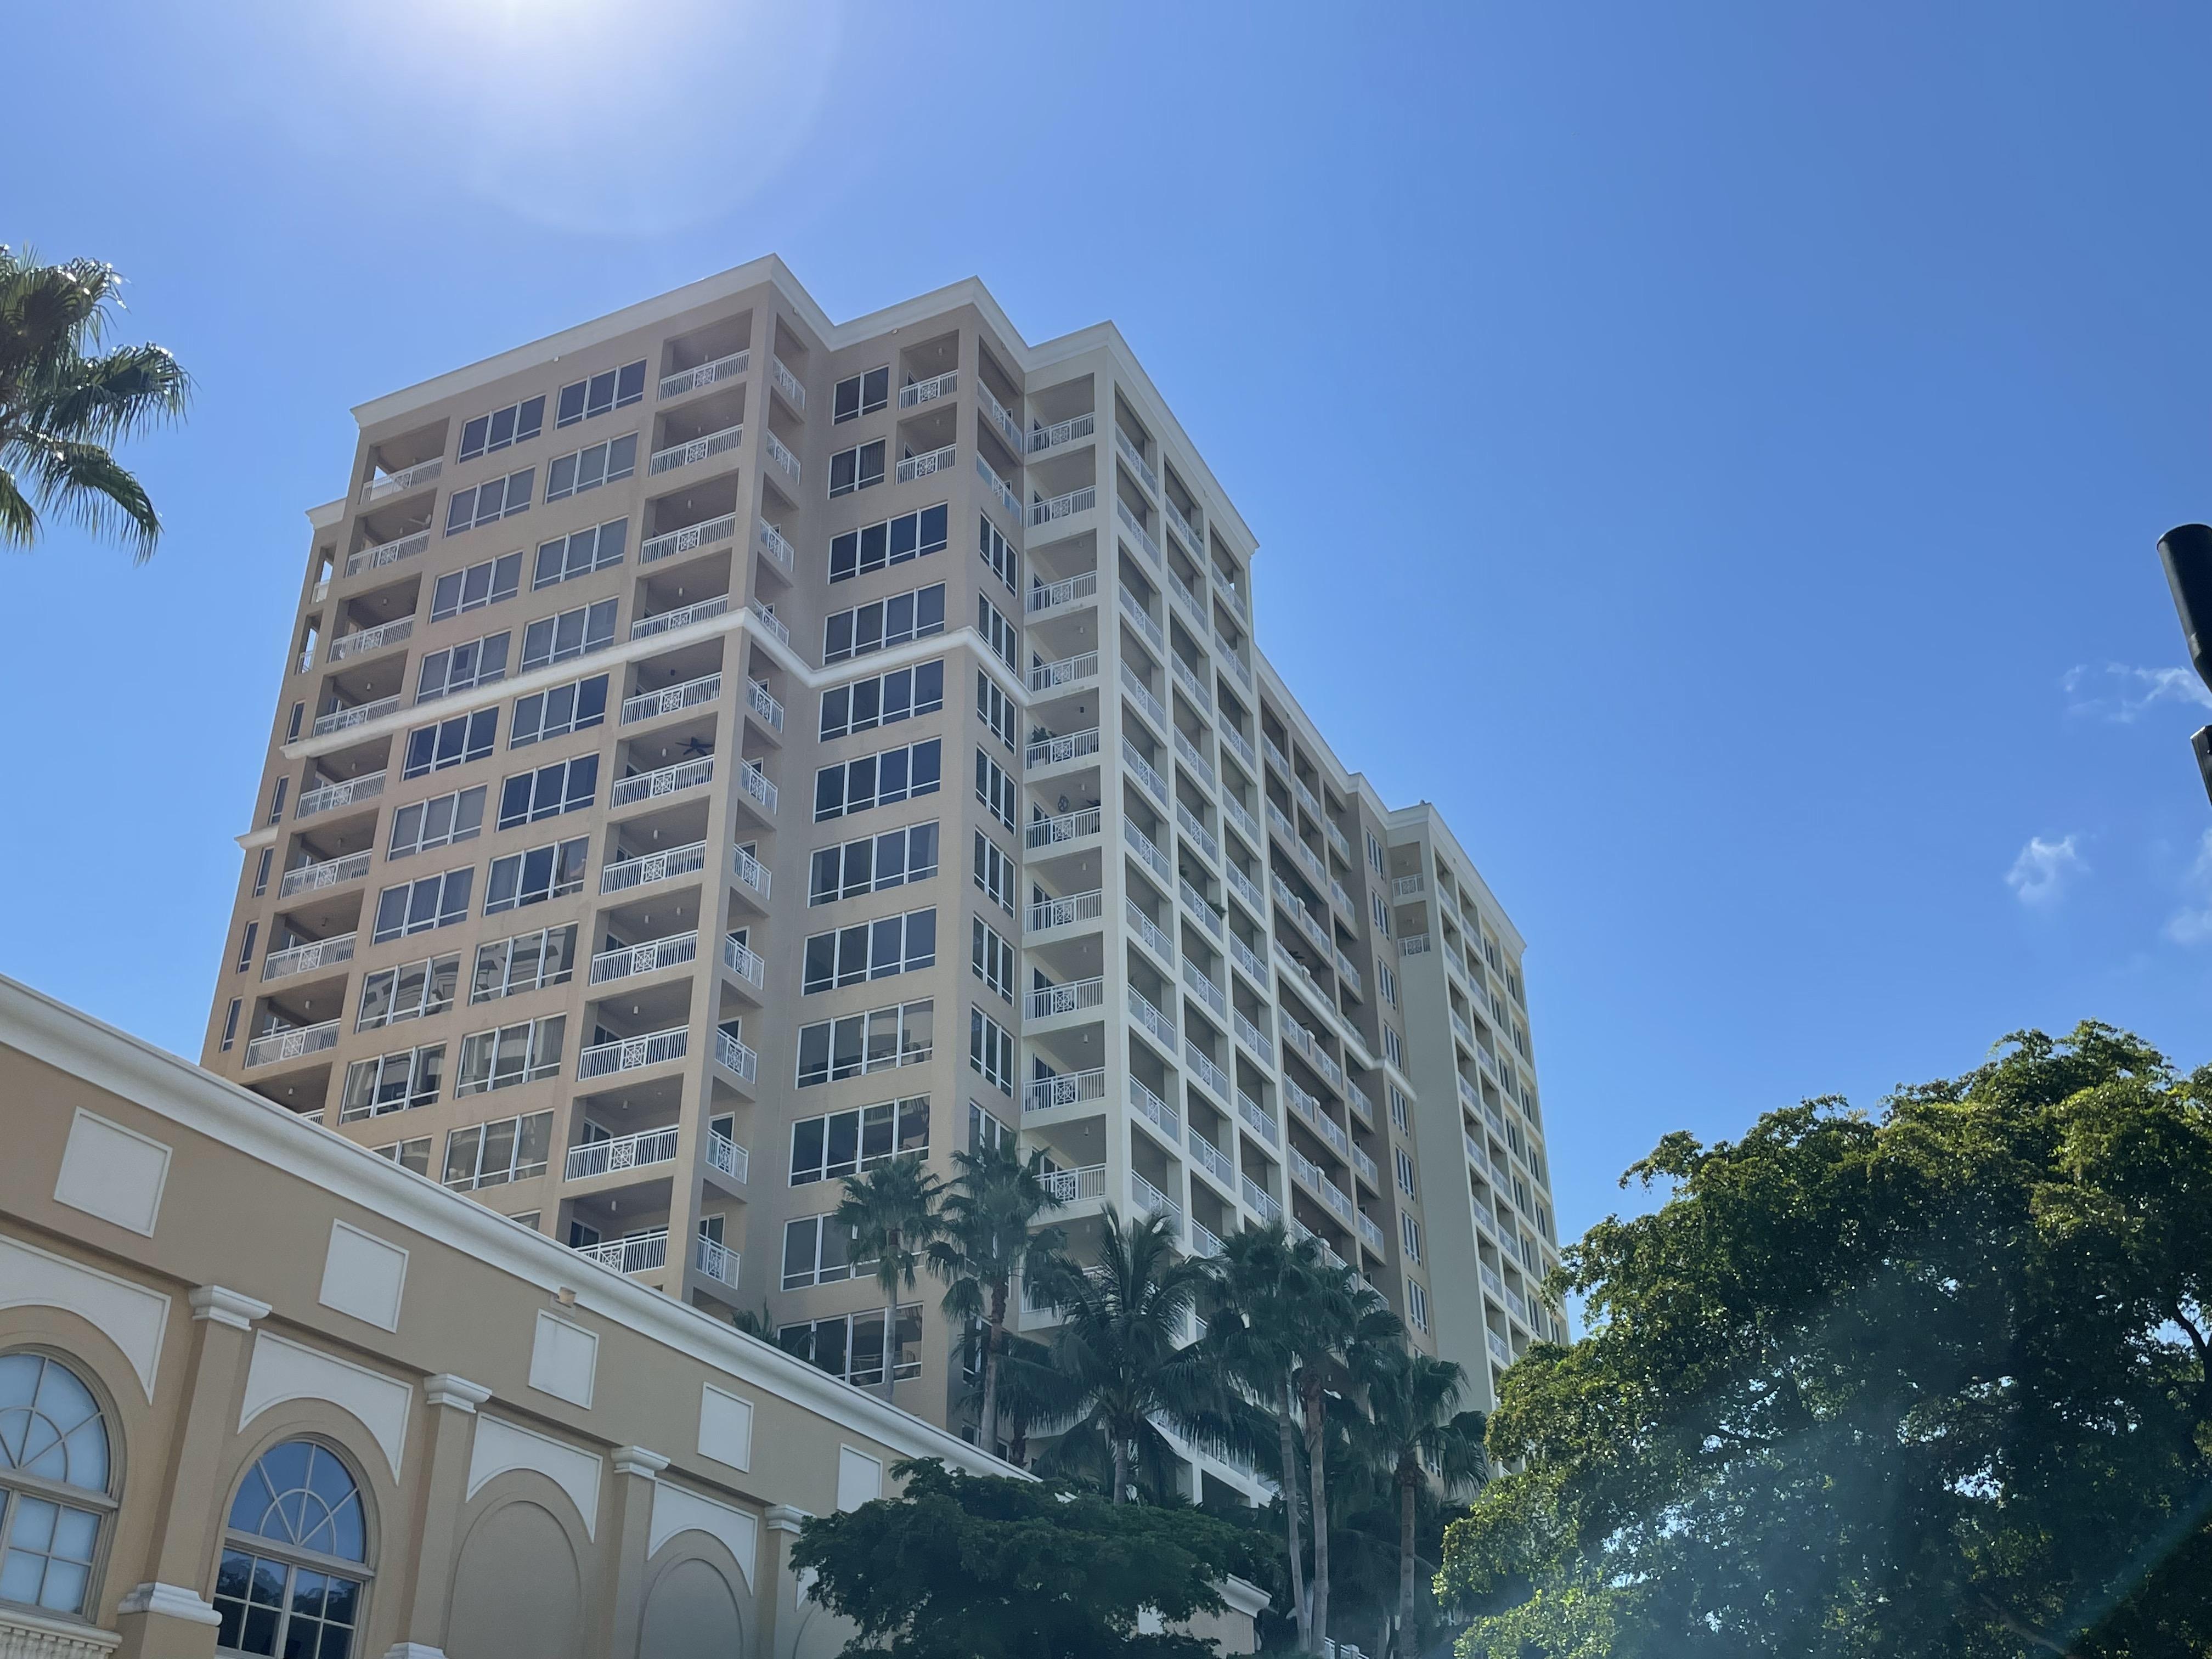 Ritz Carlton Tower Residences